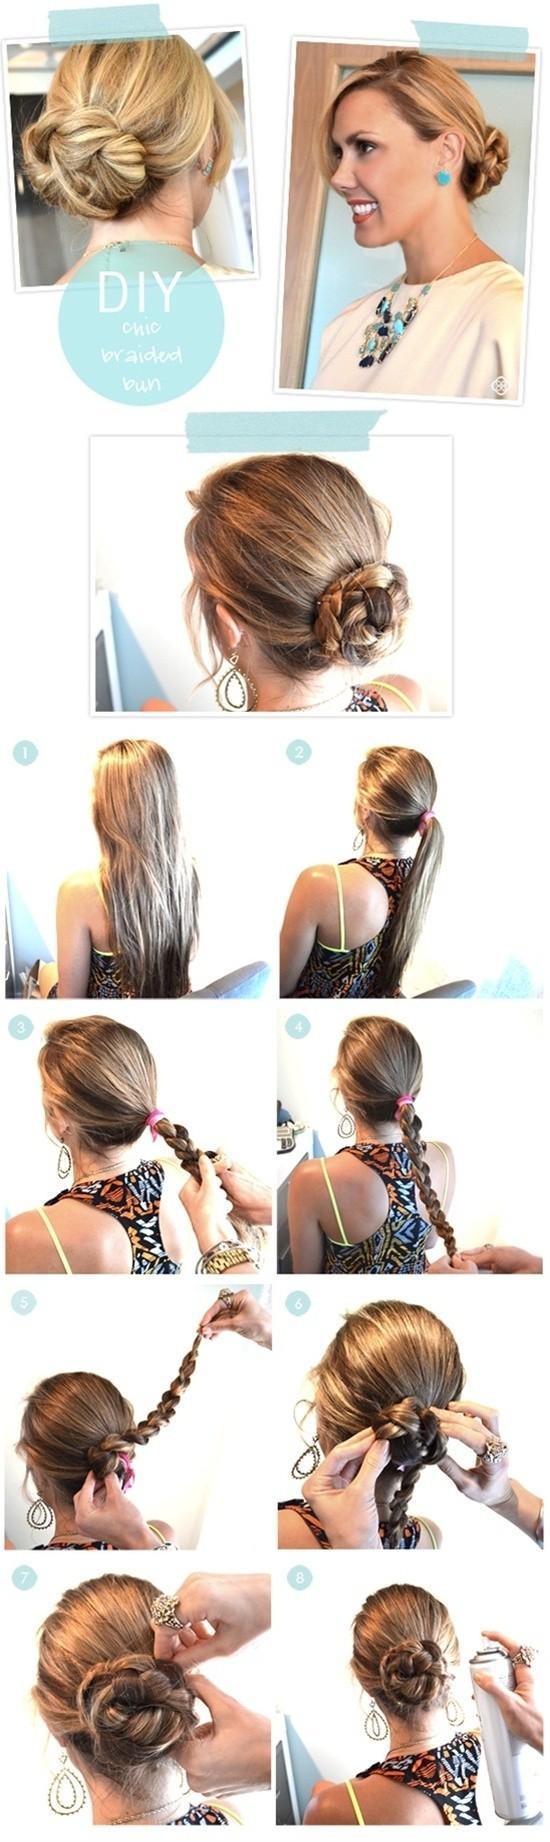 Braided-Bun-Tutorial-for-Long-Hair